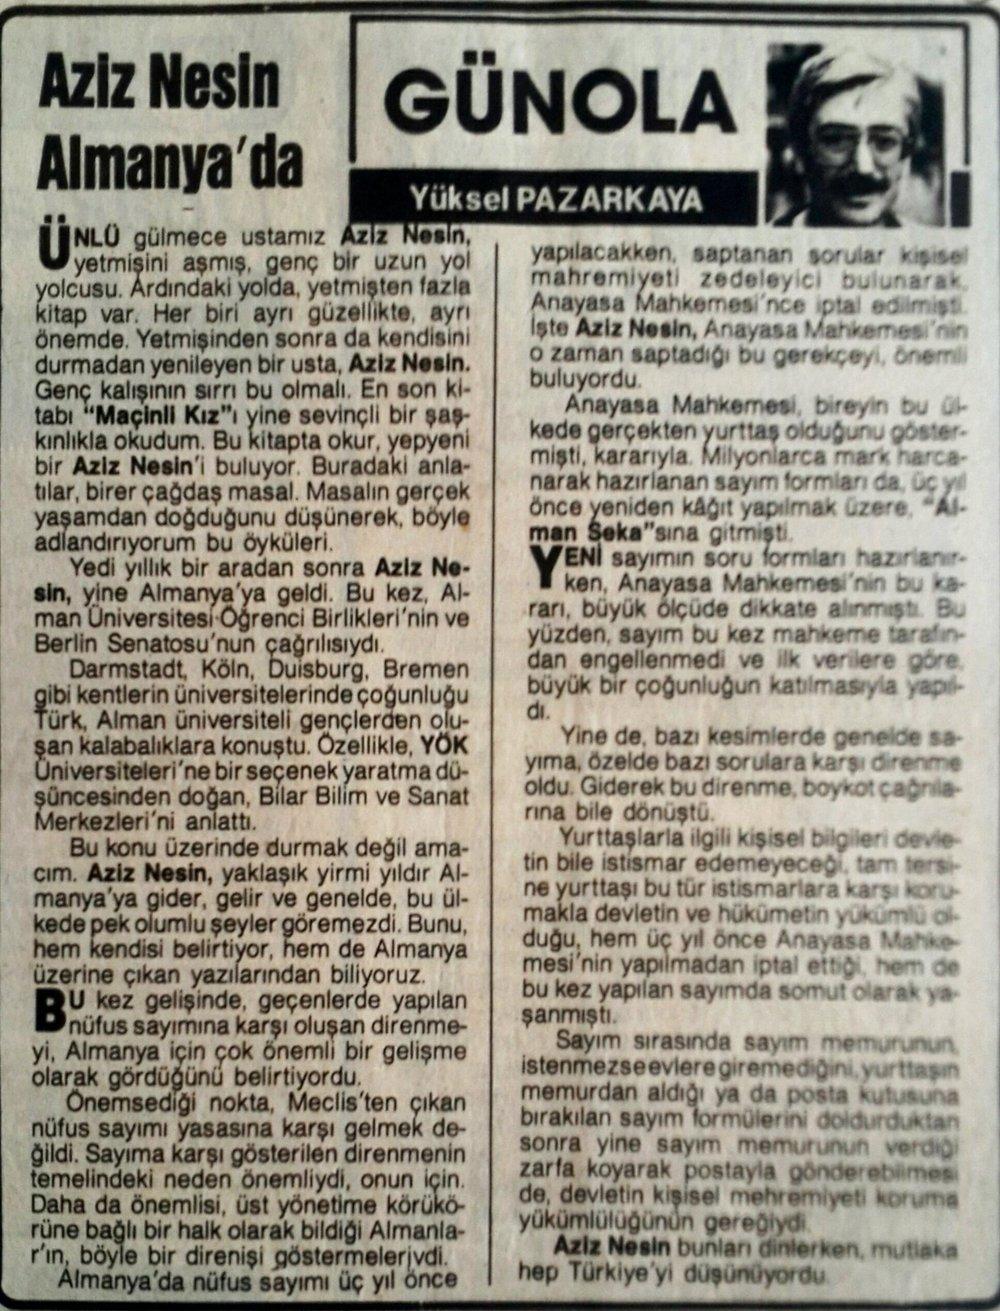 1987_hurriyet_aziz-nesin-almanyada.jpg